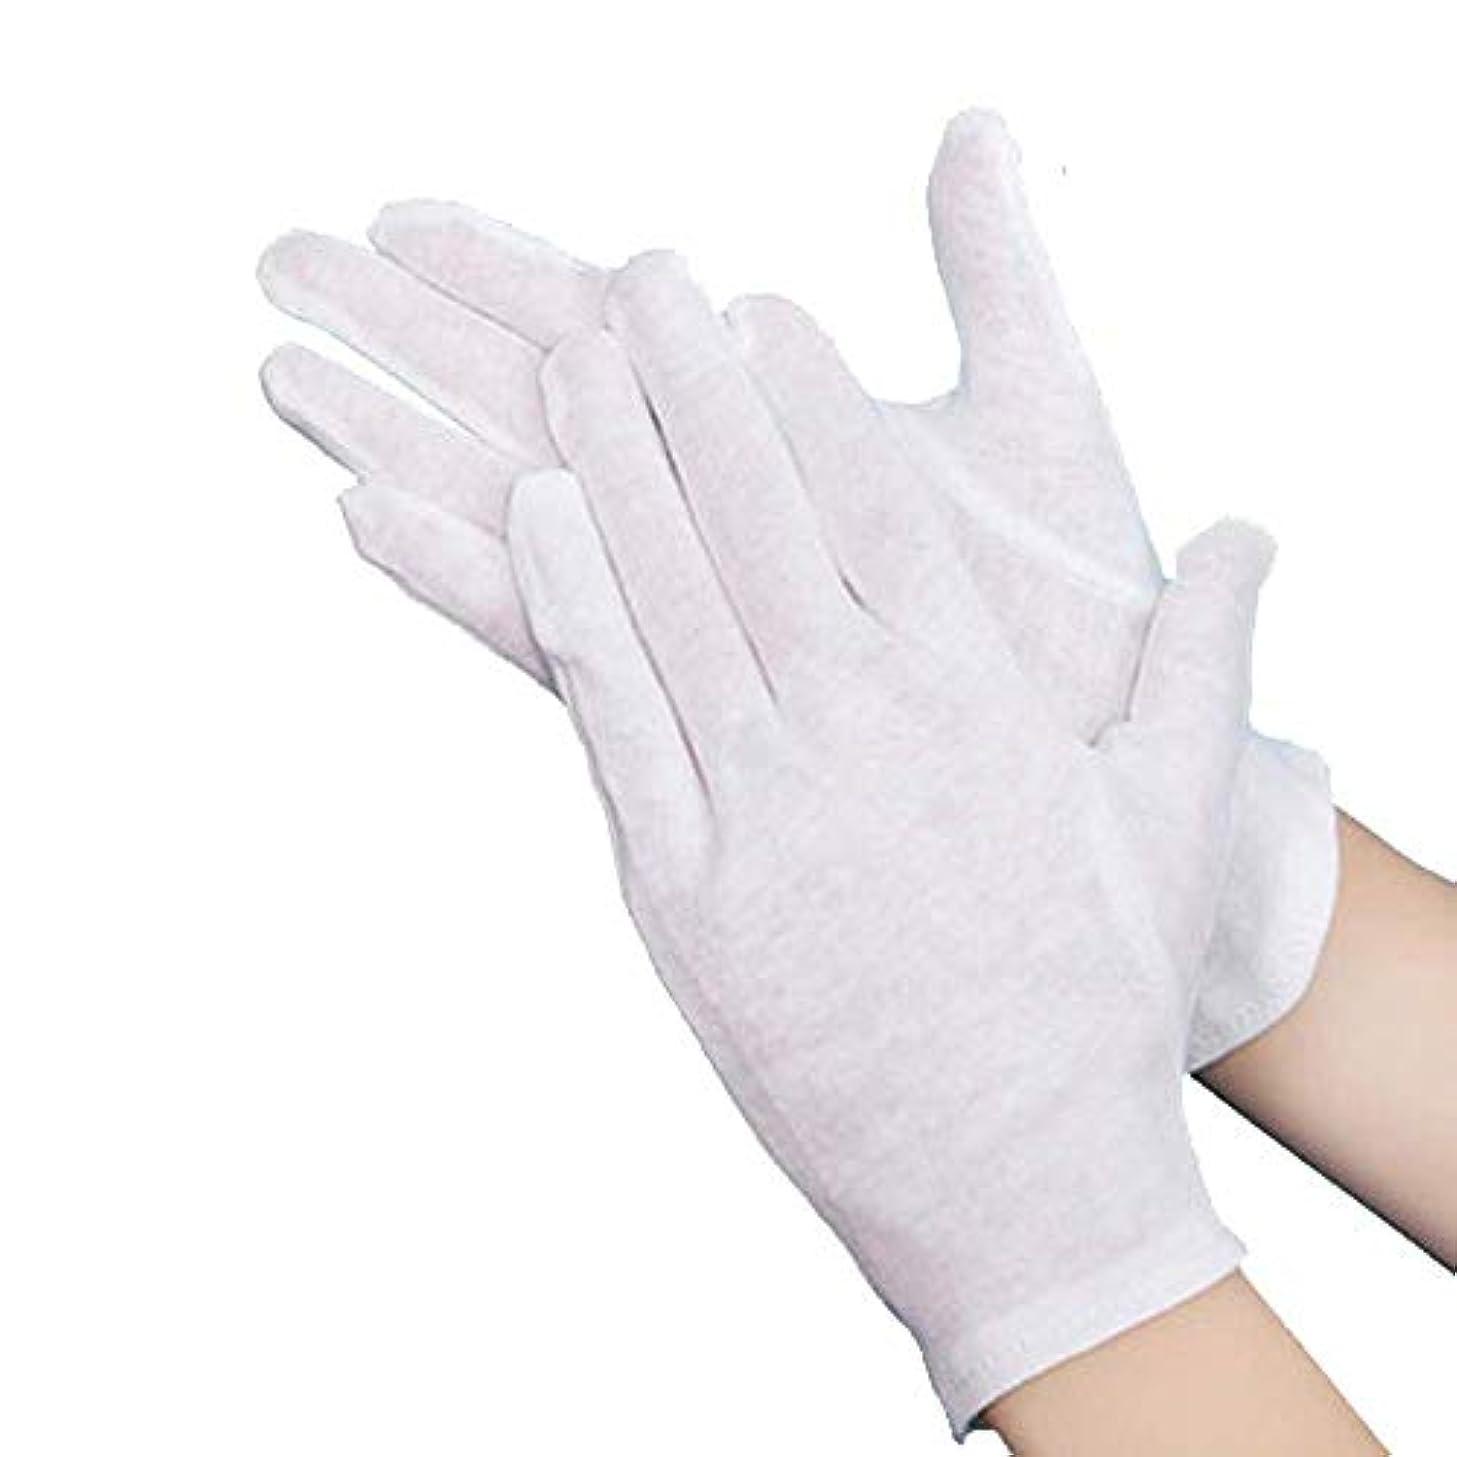 10双組 M トン手袋 綿手袋 通気性